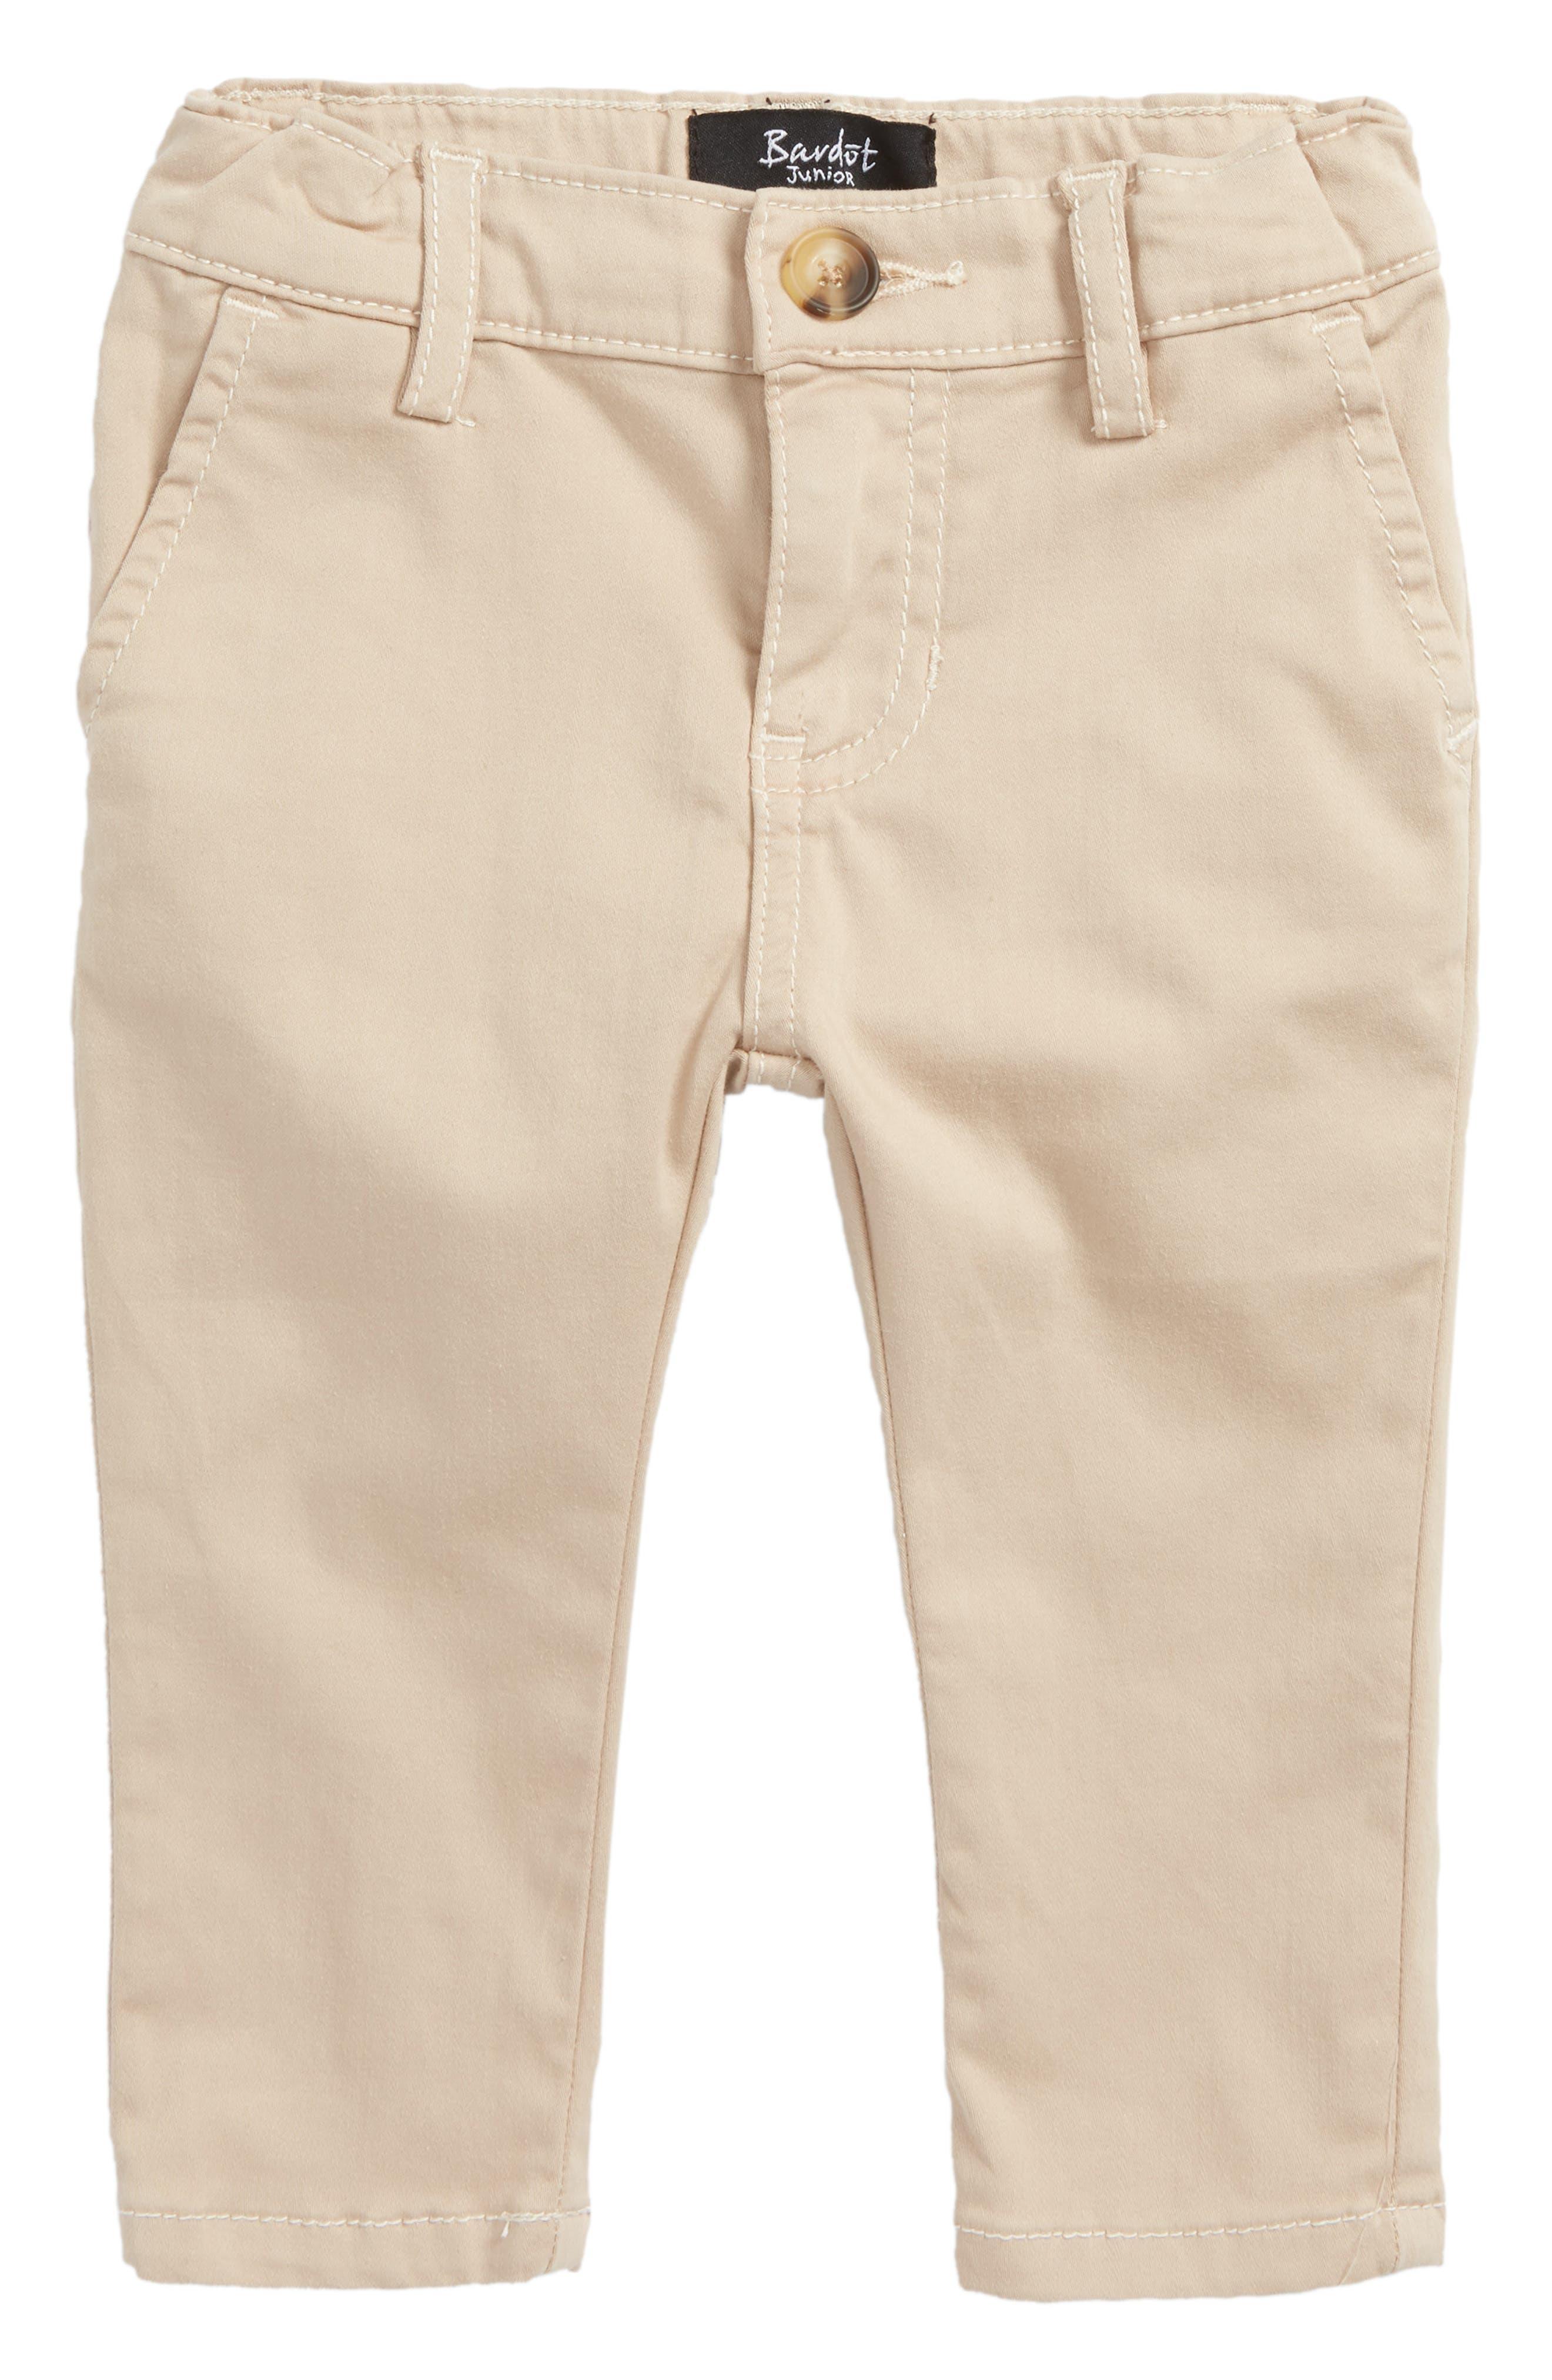 Jack Chino Pants,                         Main,                         color, Sandshell